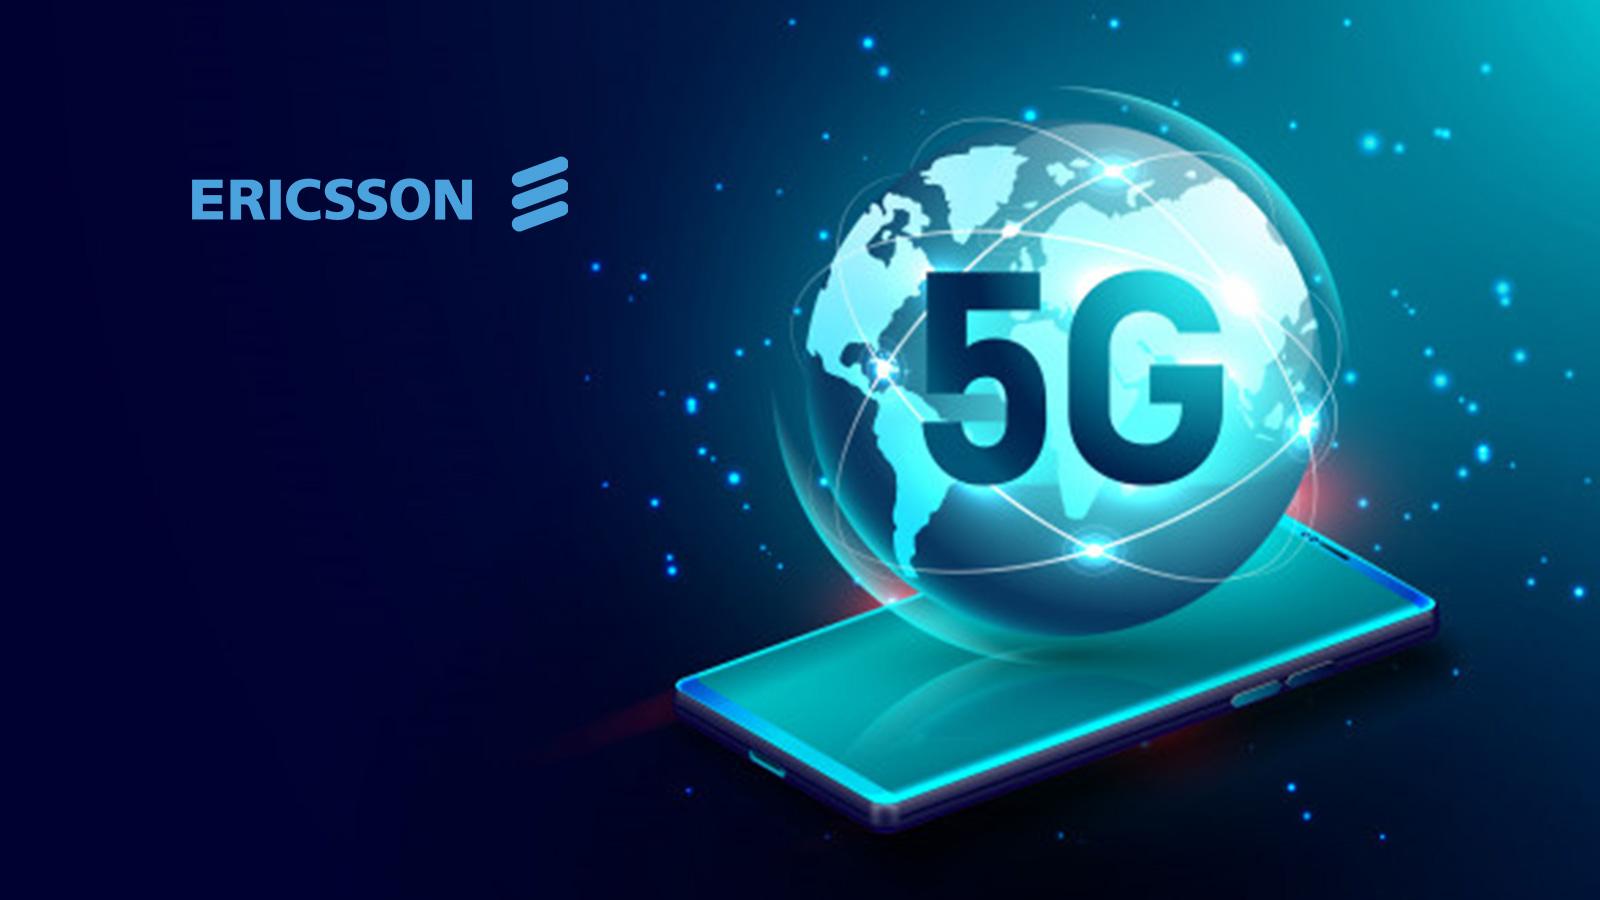 Ericsson 5G platform